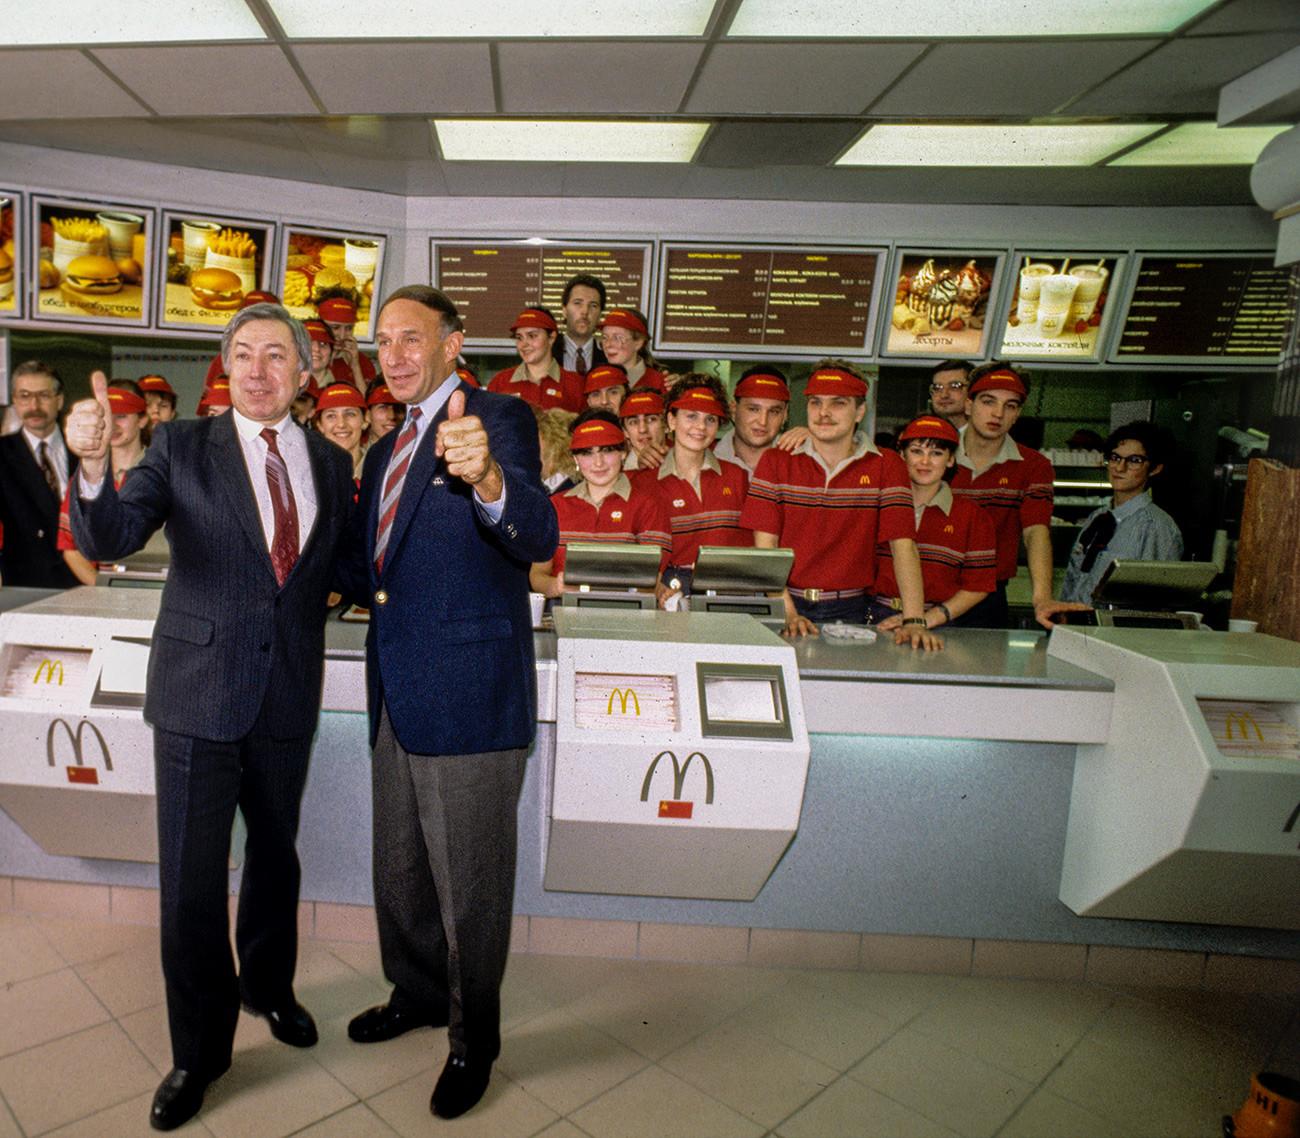 Vladímir Malishkov (a la izq), director del restaurante soviético-canadiense McDonald's, y George A. Cohon, vicedirector del restaurante McDonald's.